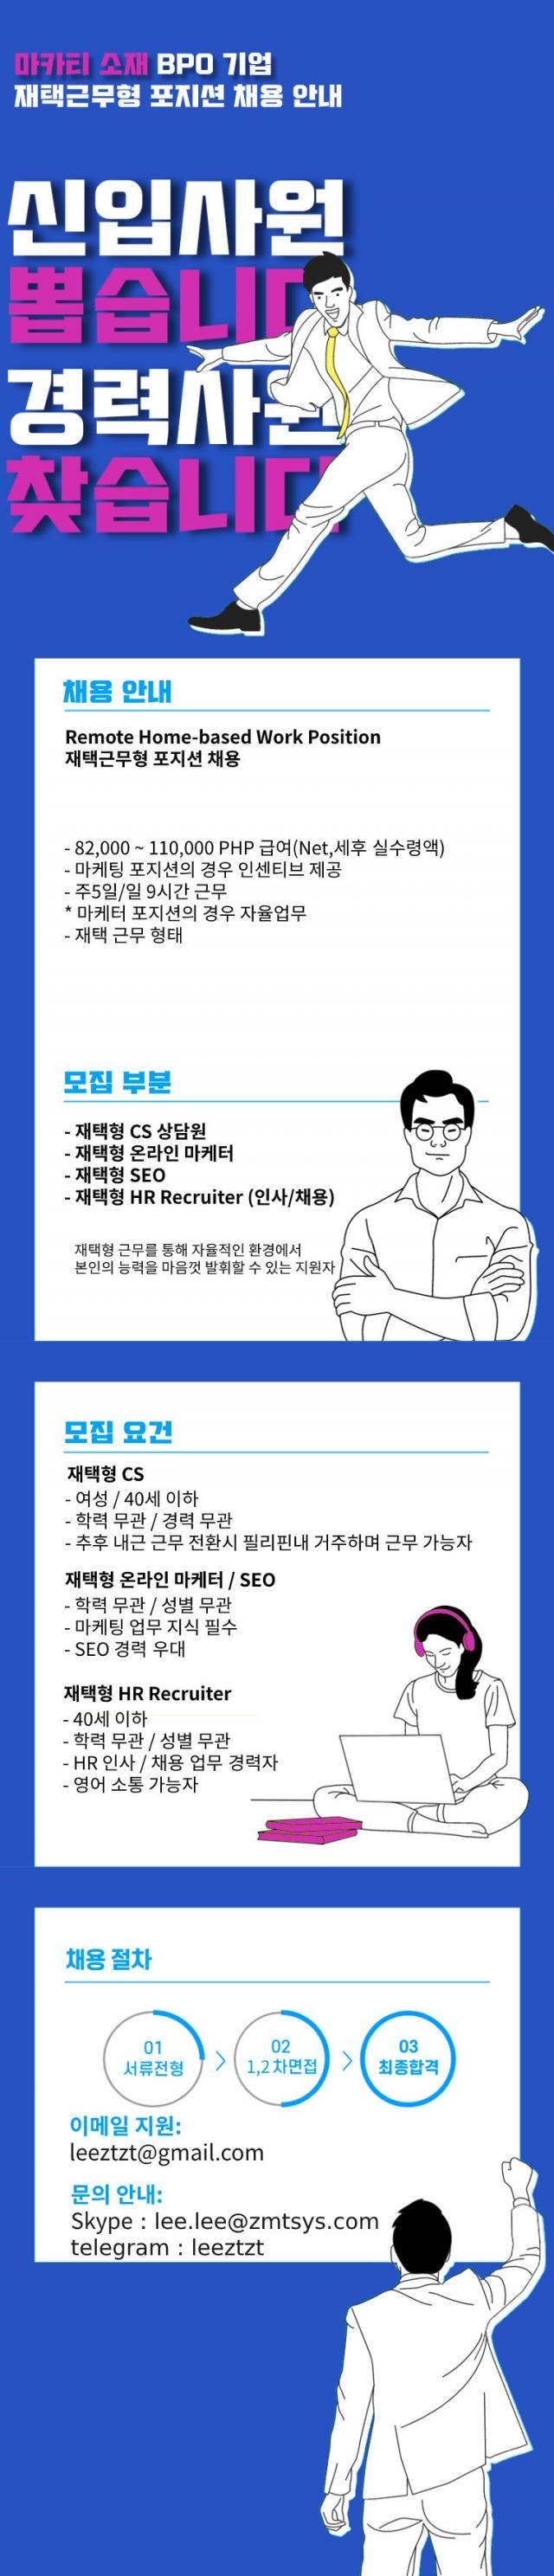 [재택근무] 마카티 소재 BPO 기업 부서별 채용